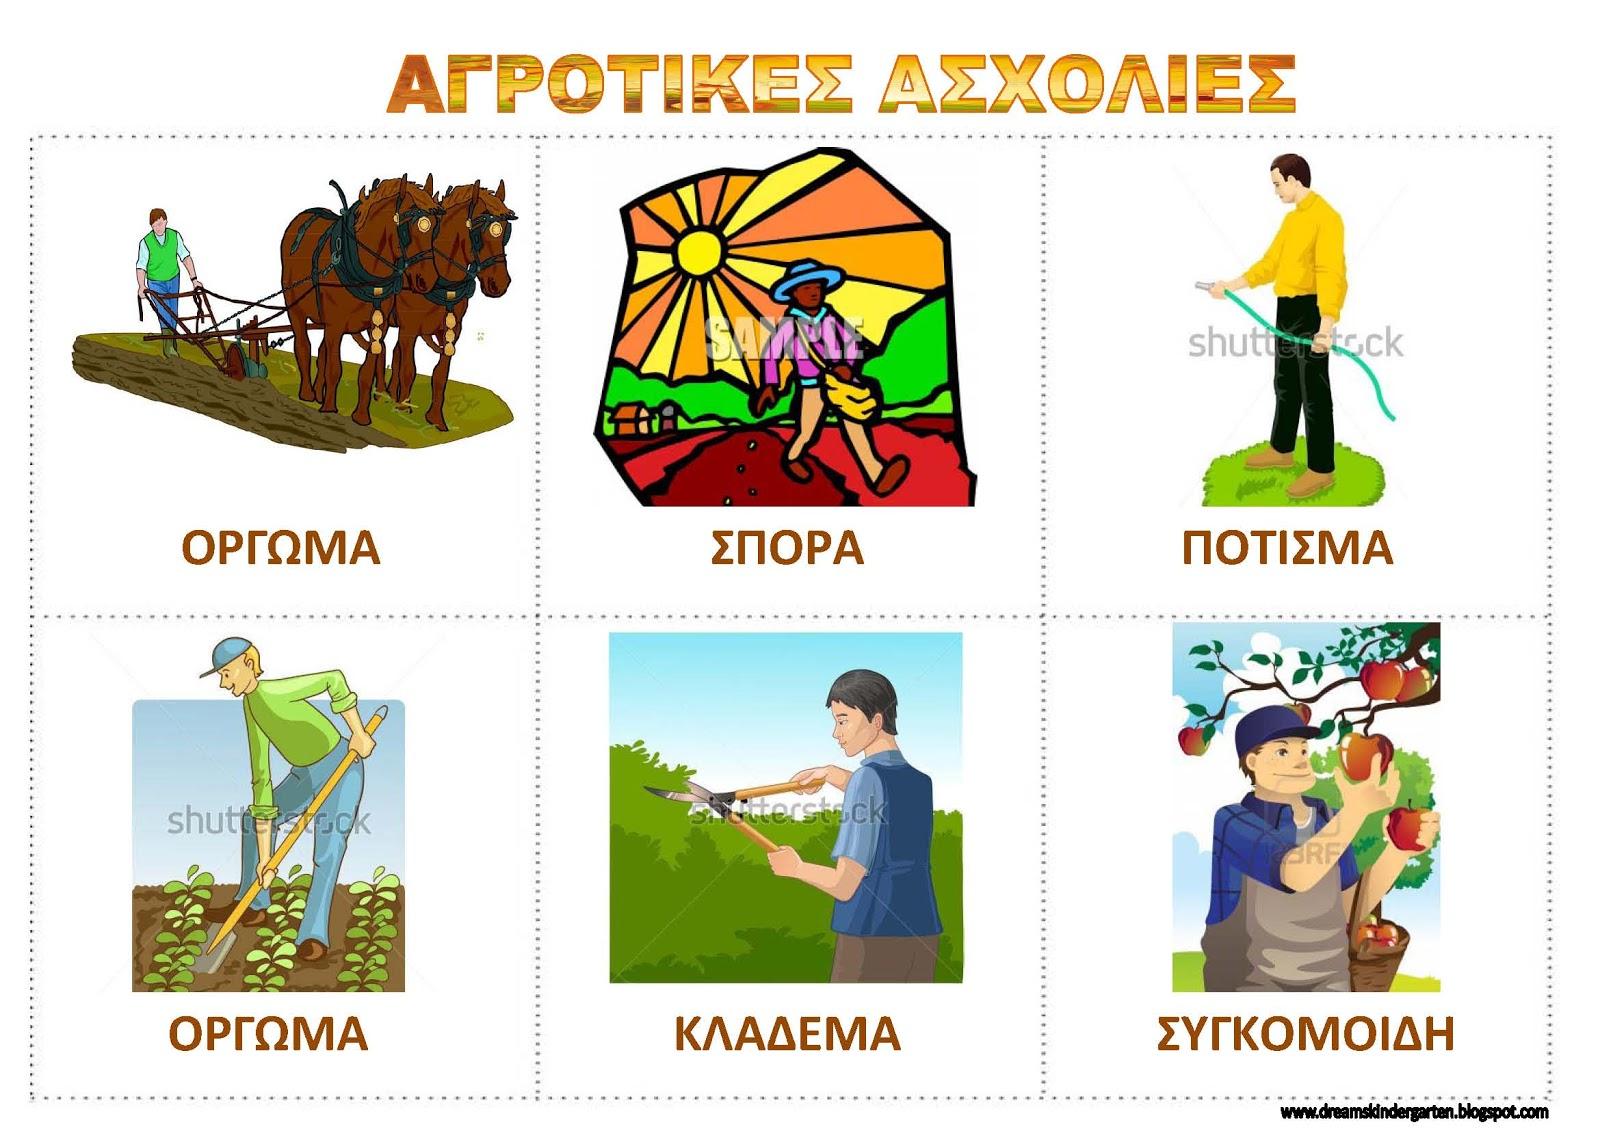 Πίνακες αναφοράς για τη γεωργία και